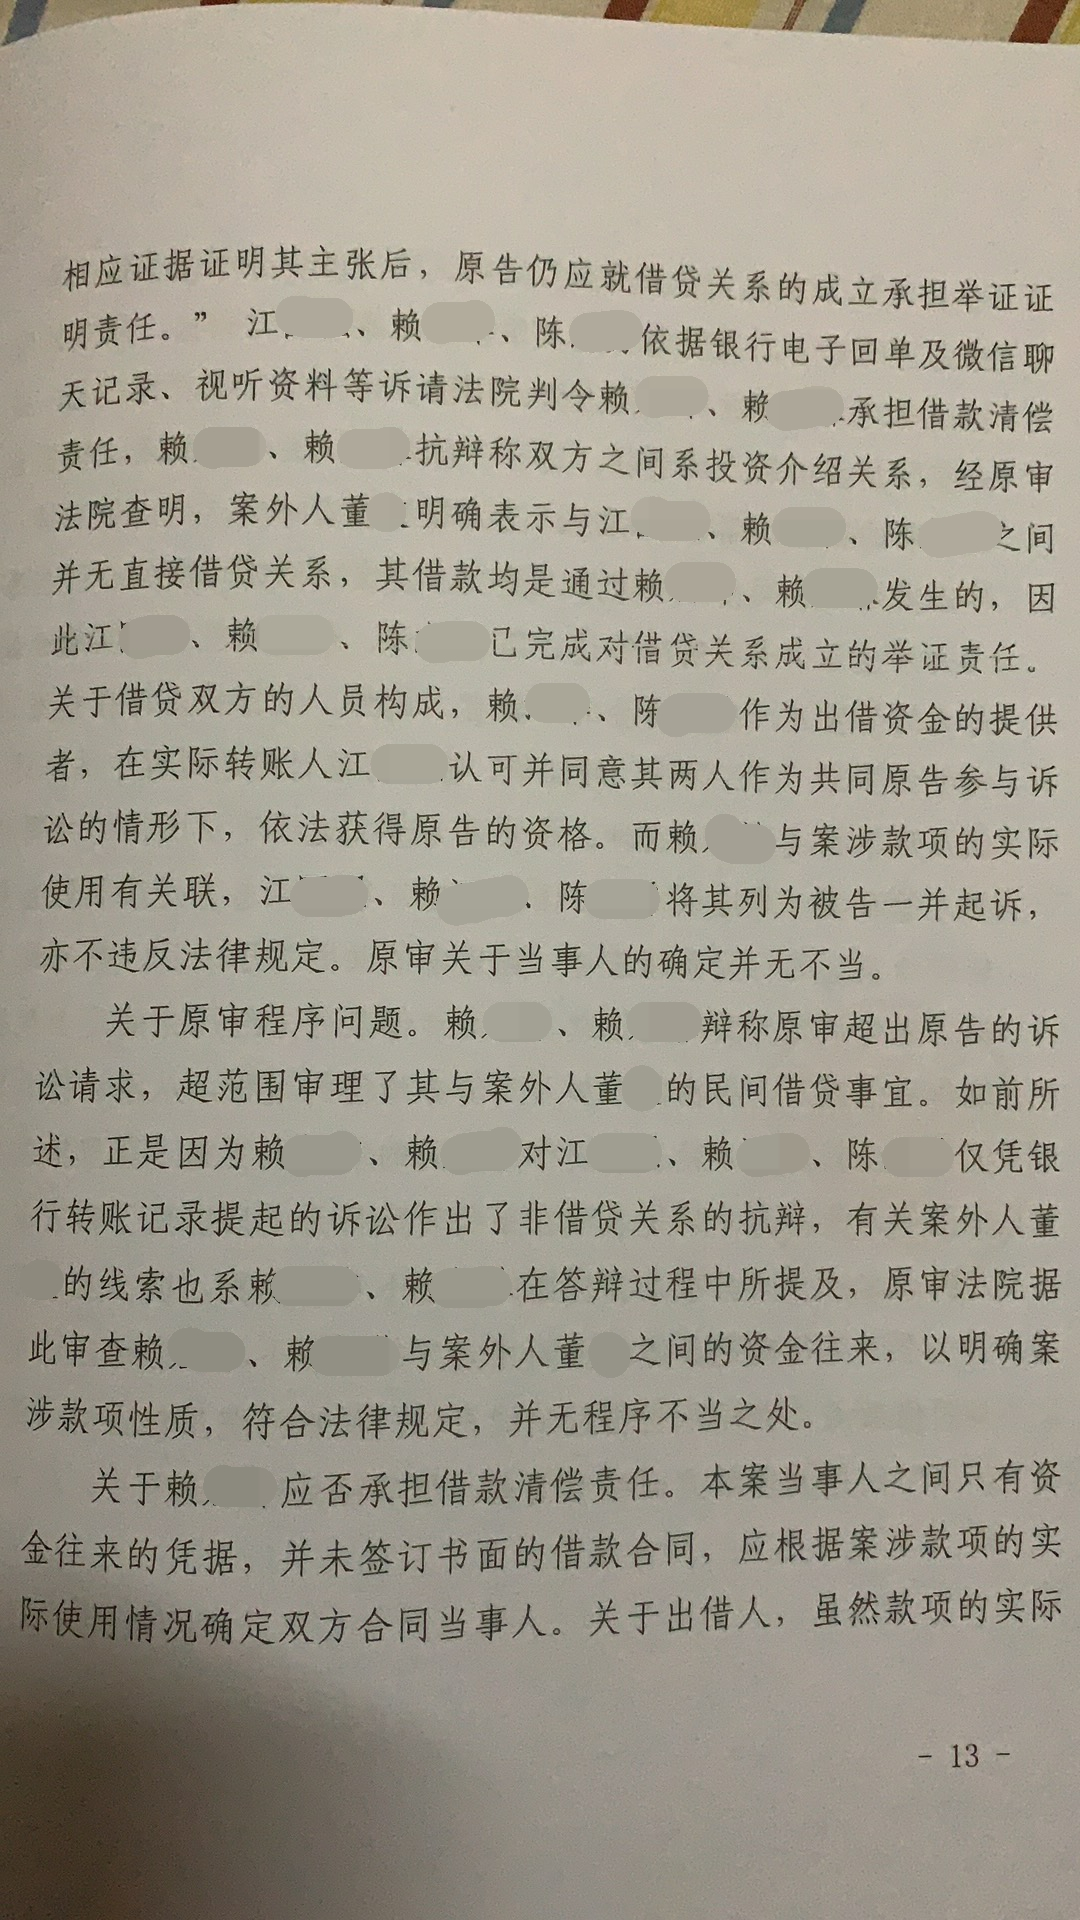 江13_万能看图王